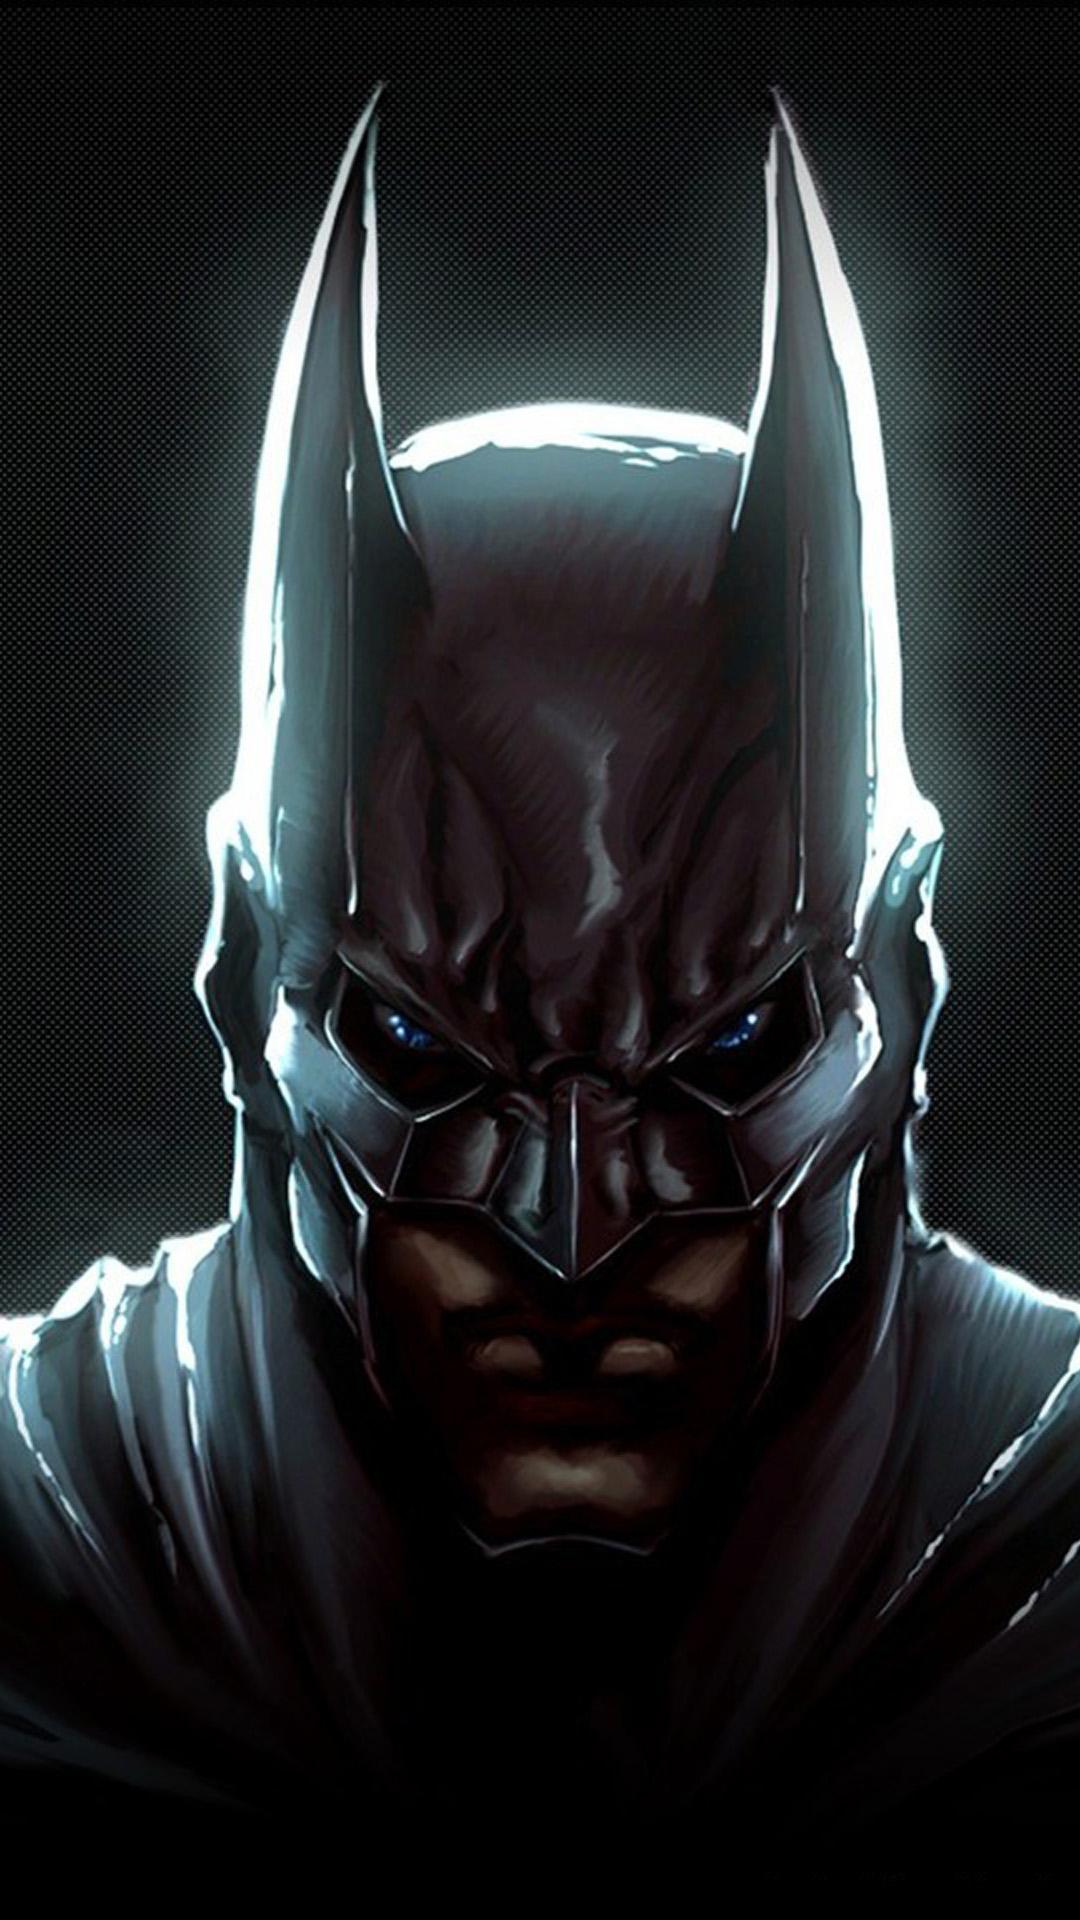 Iphone 6 wallpaper hd batman